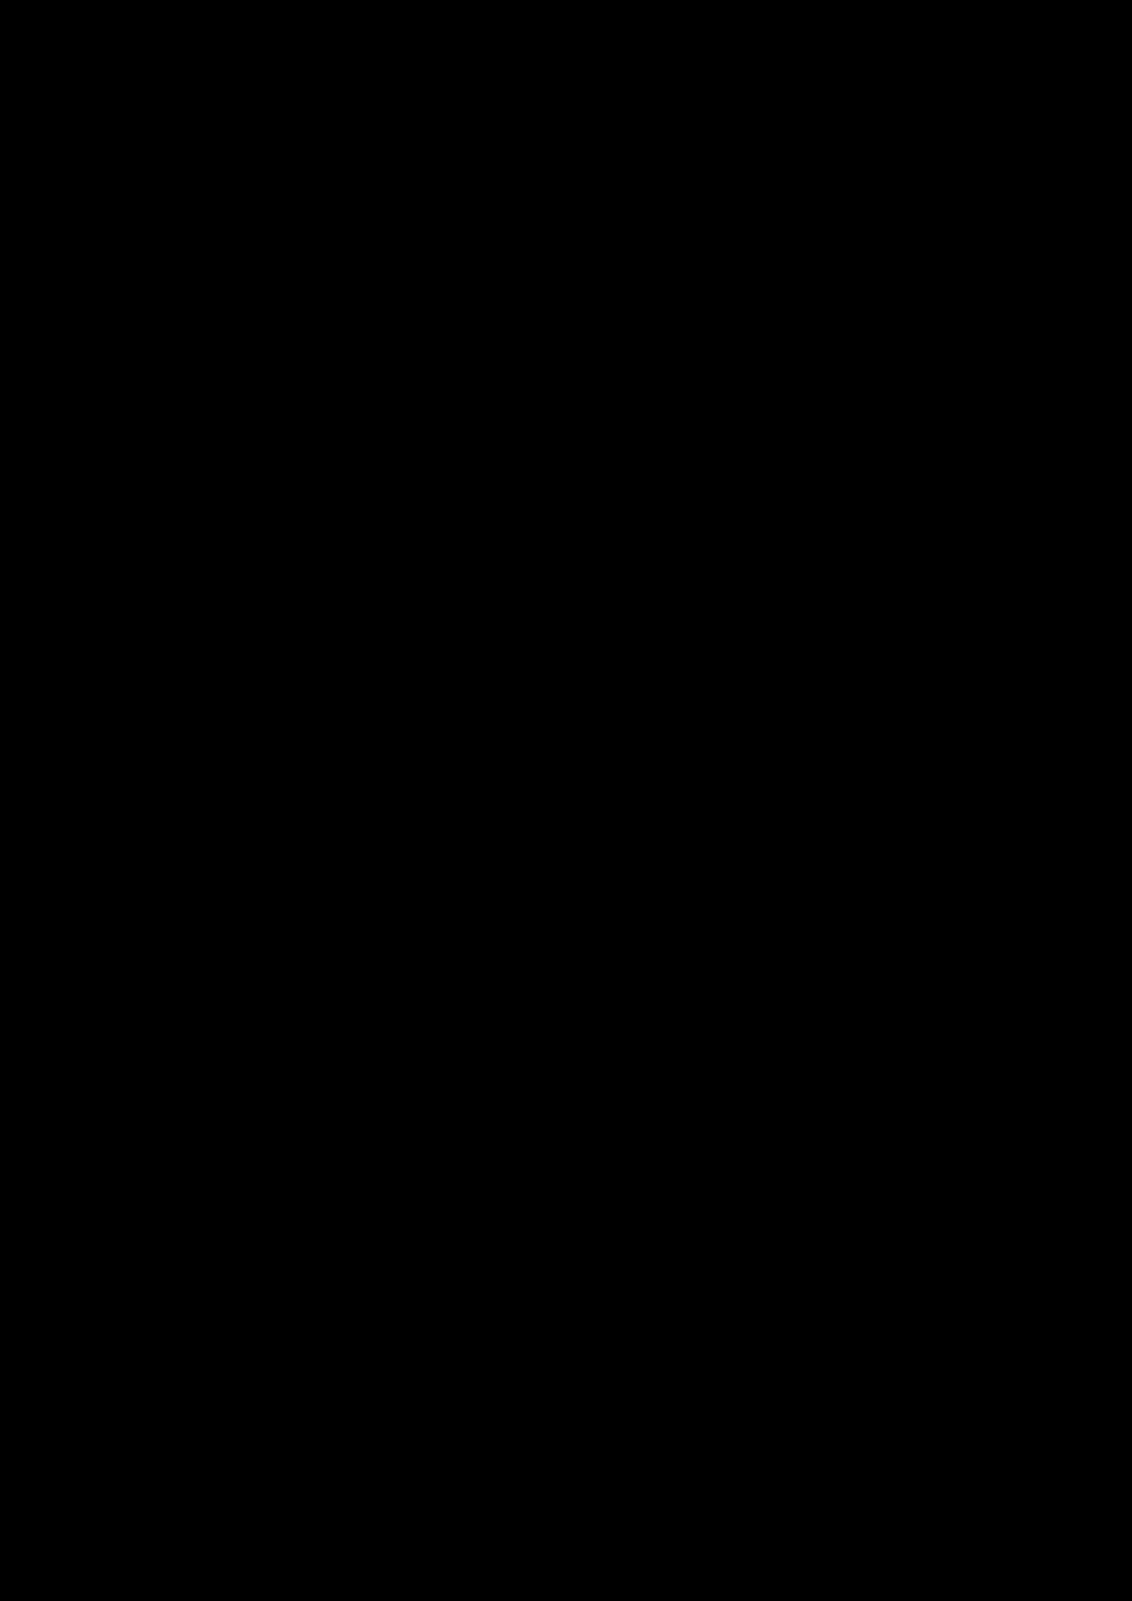 Zagadka volshebnoy stranyi slide, Image 55